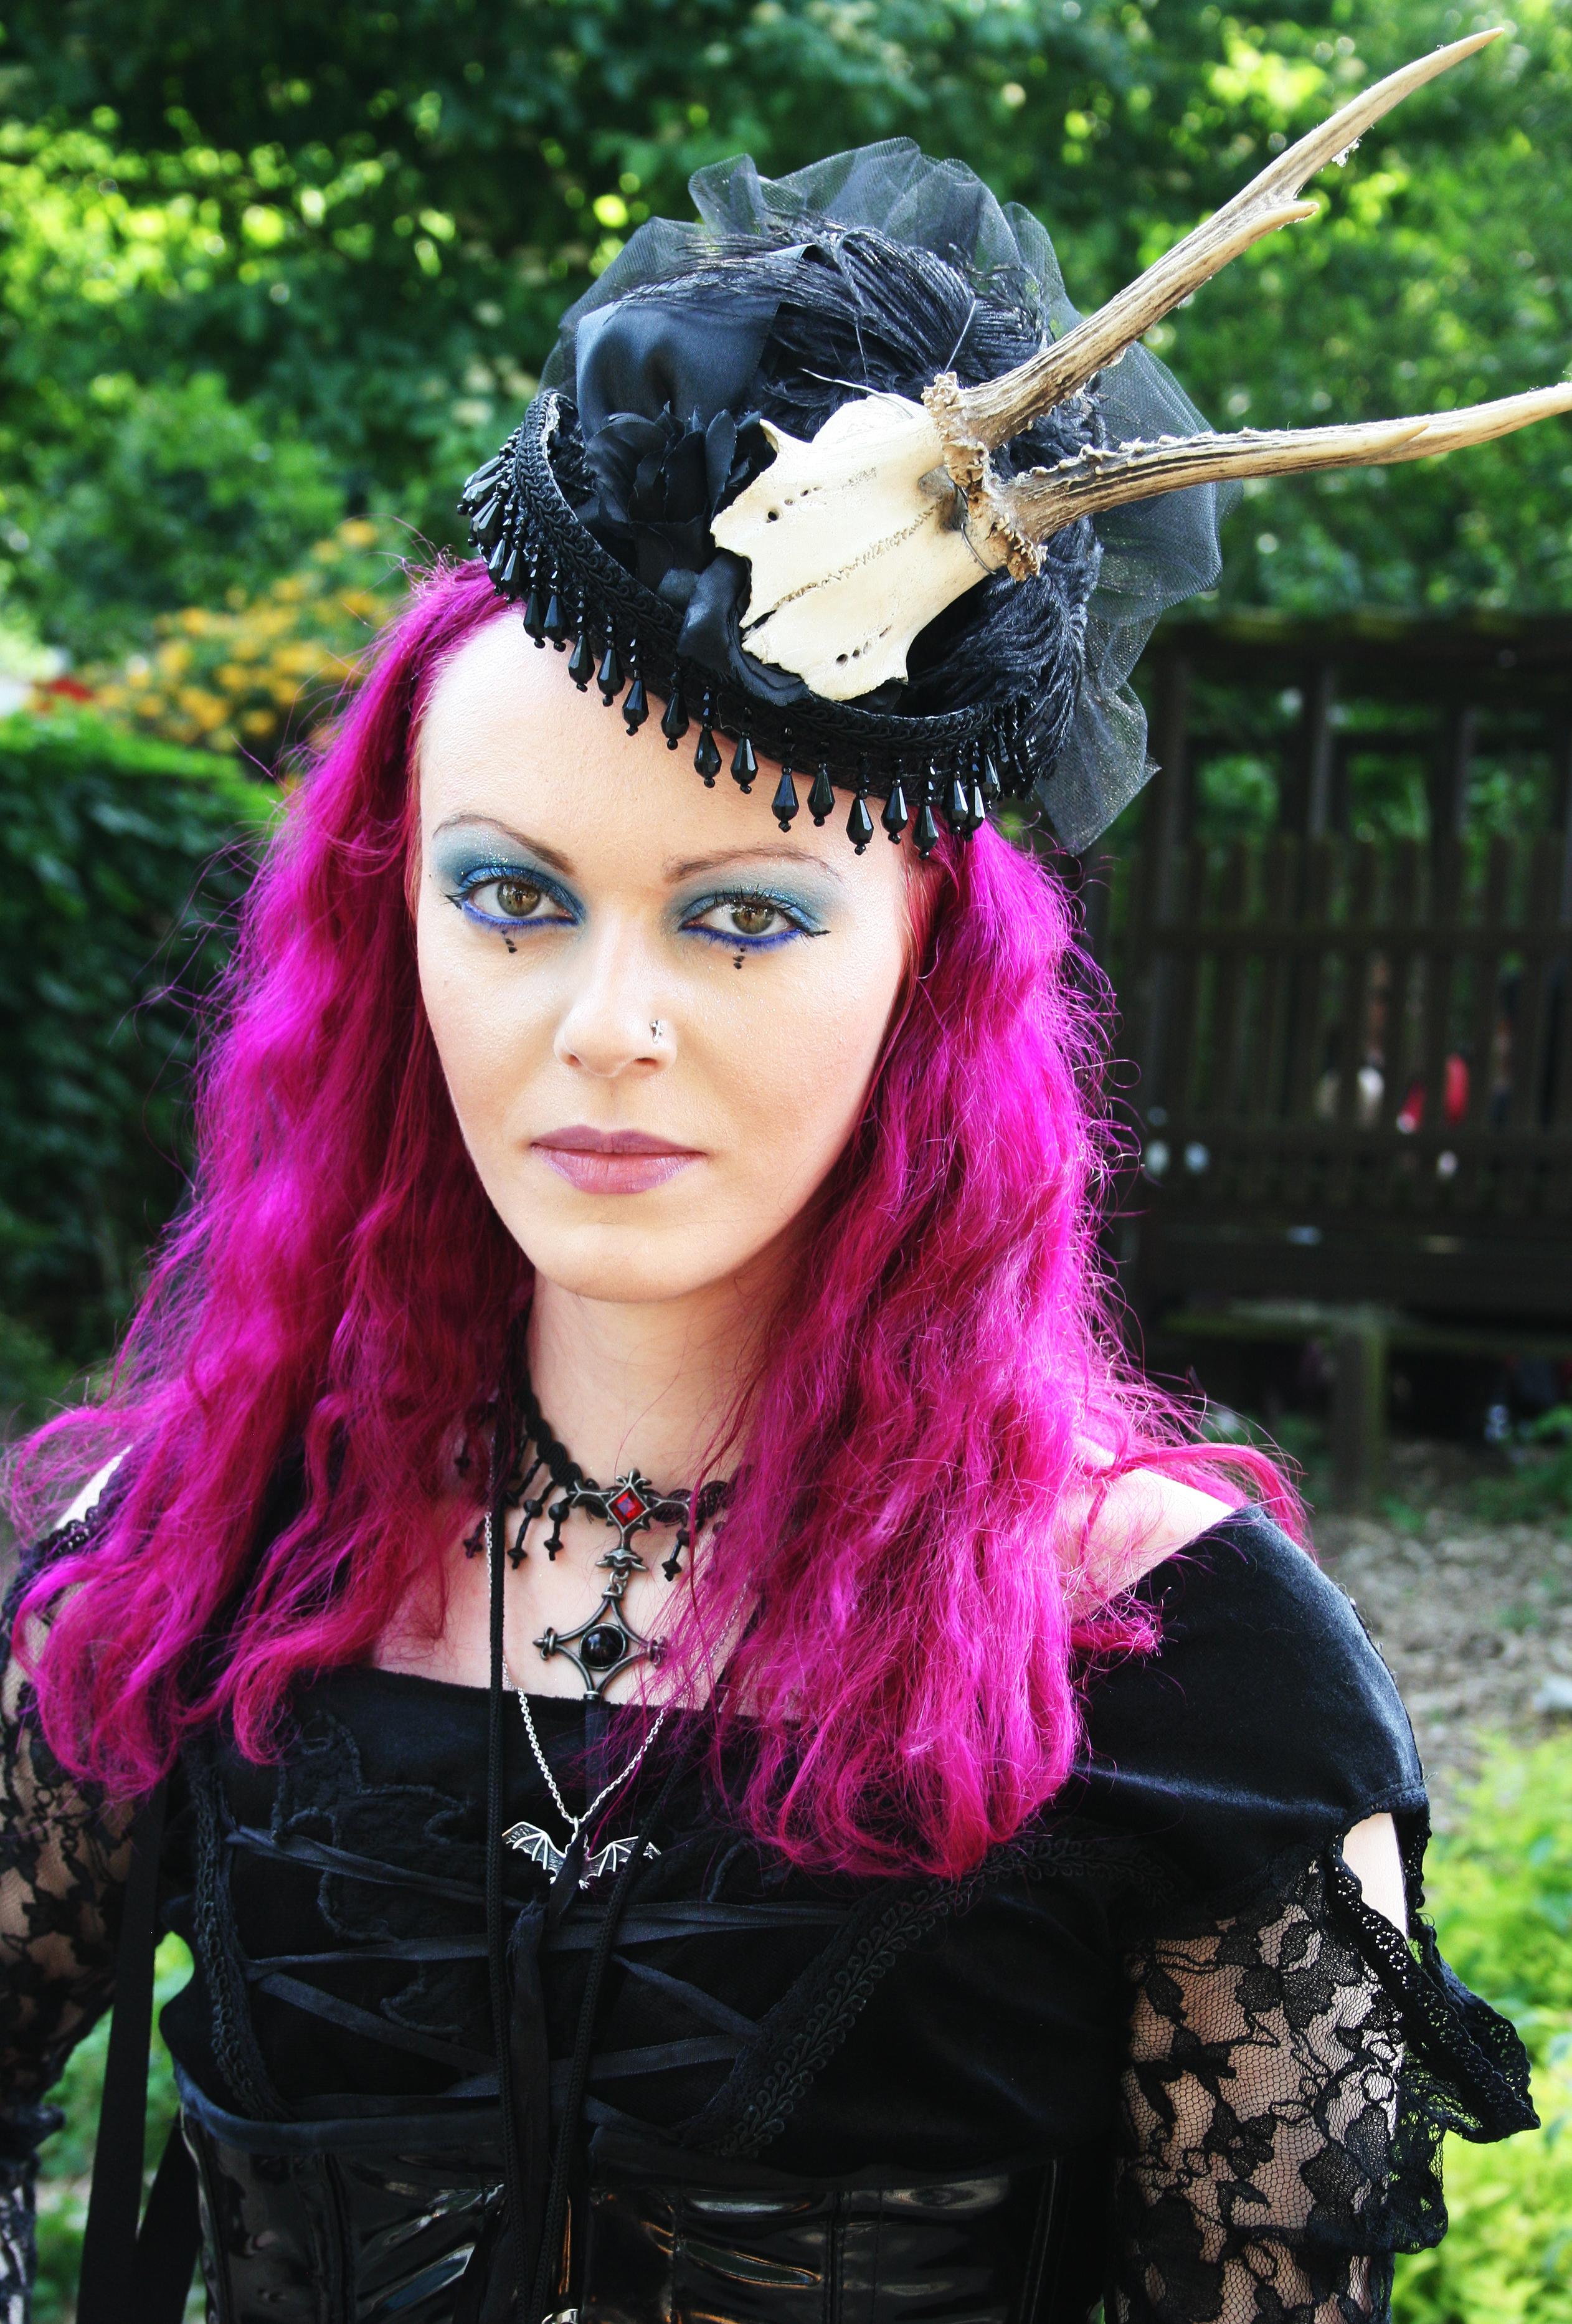 Gratis gotisk dating hviterussiske folk og kultur